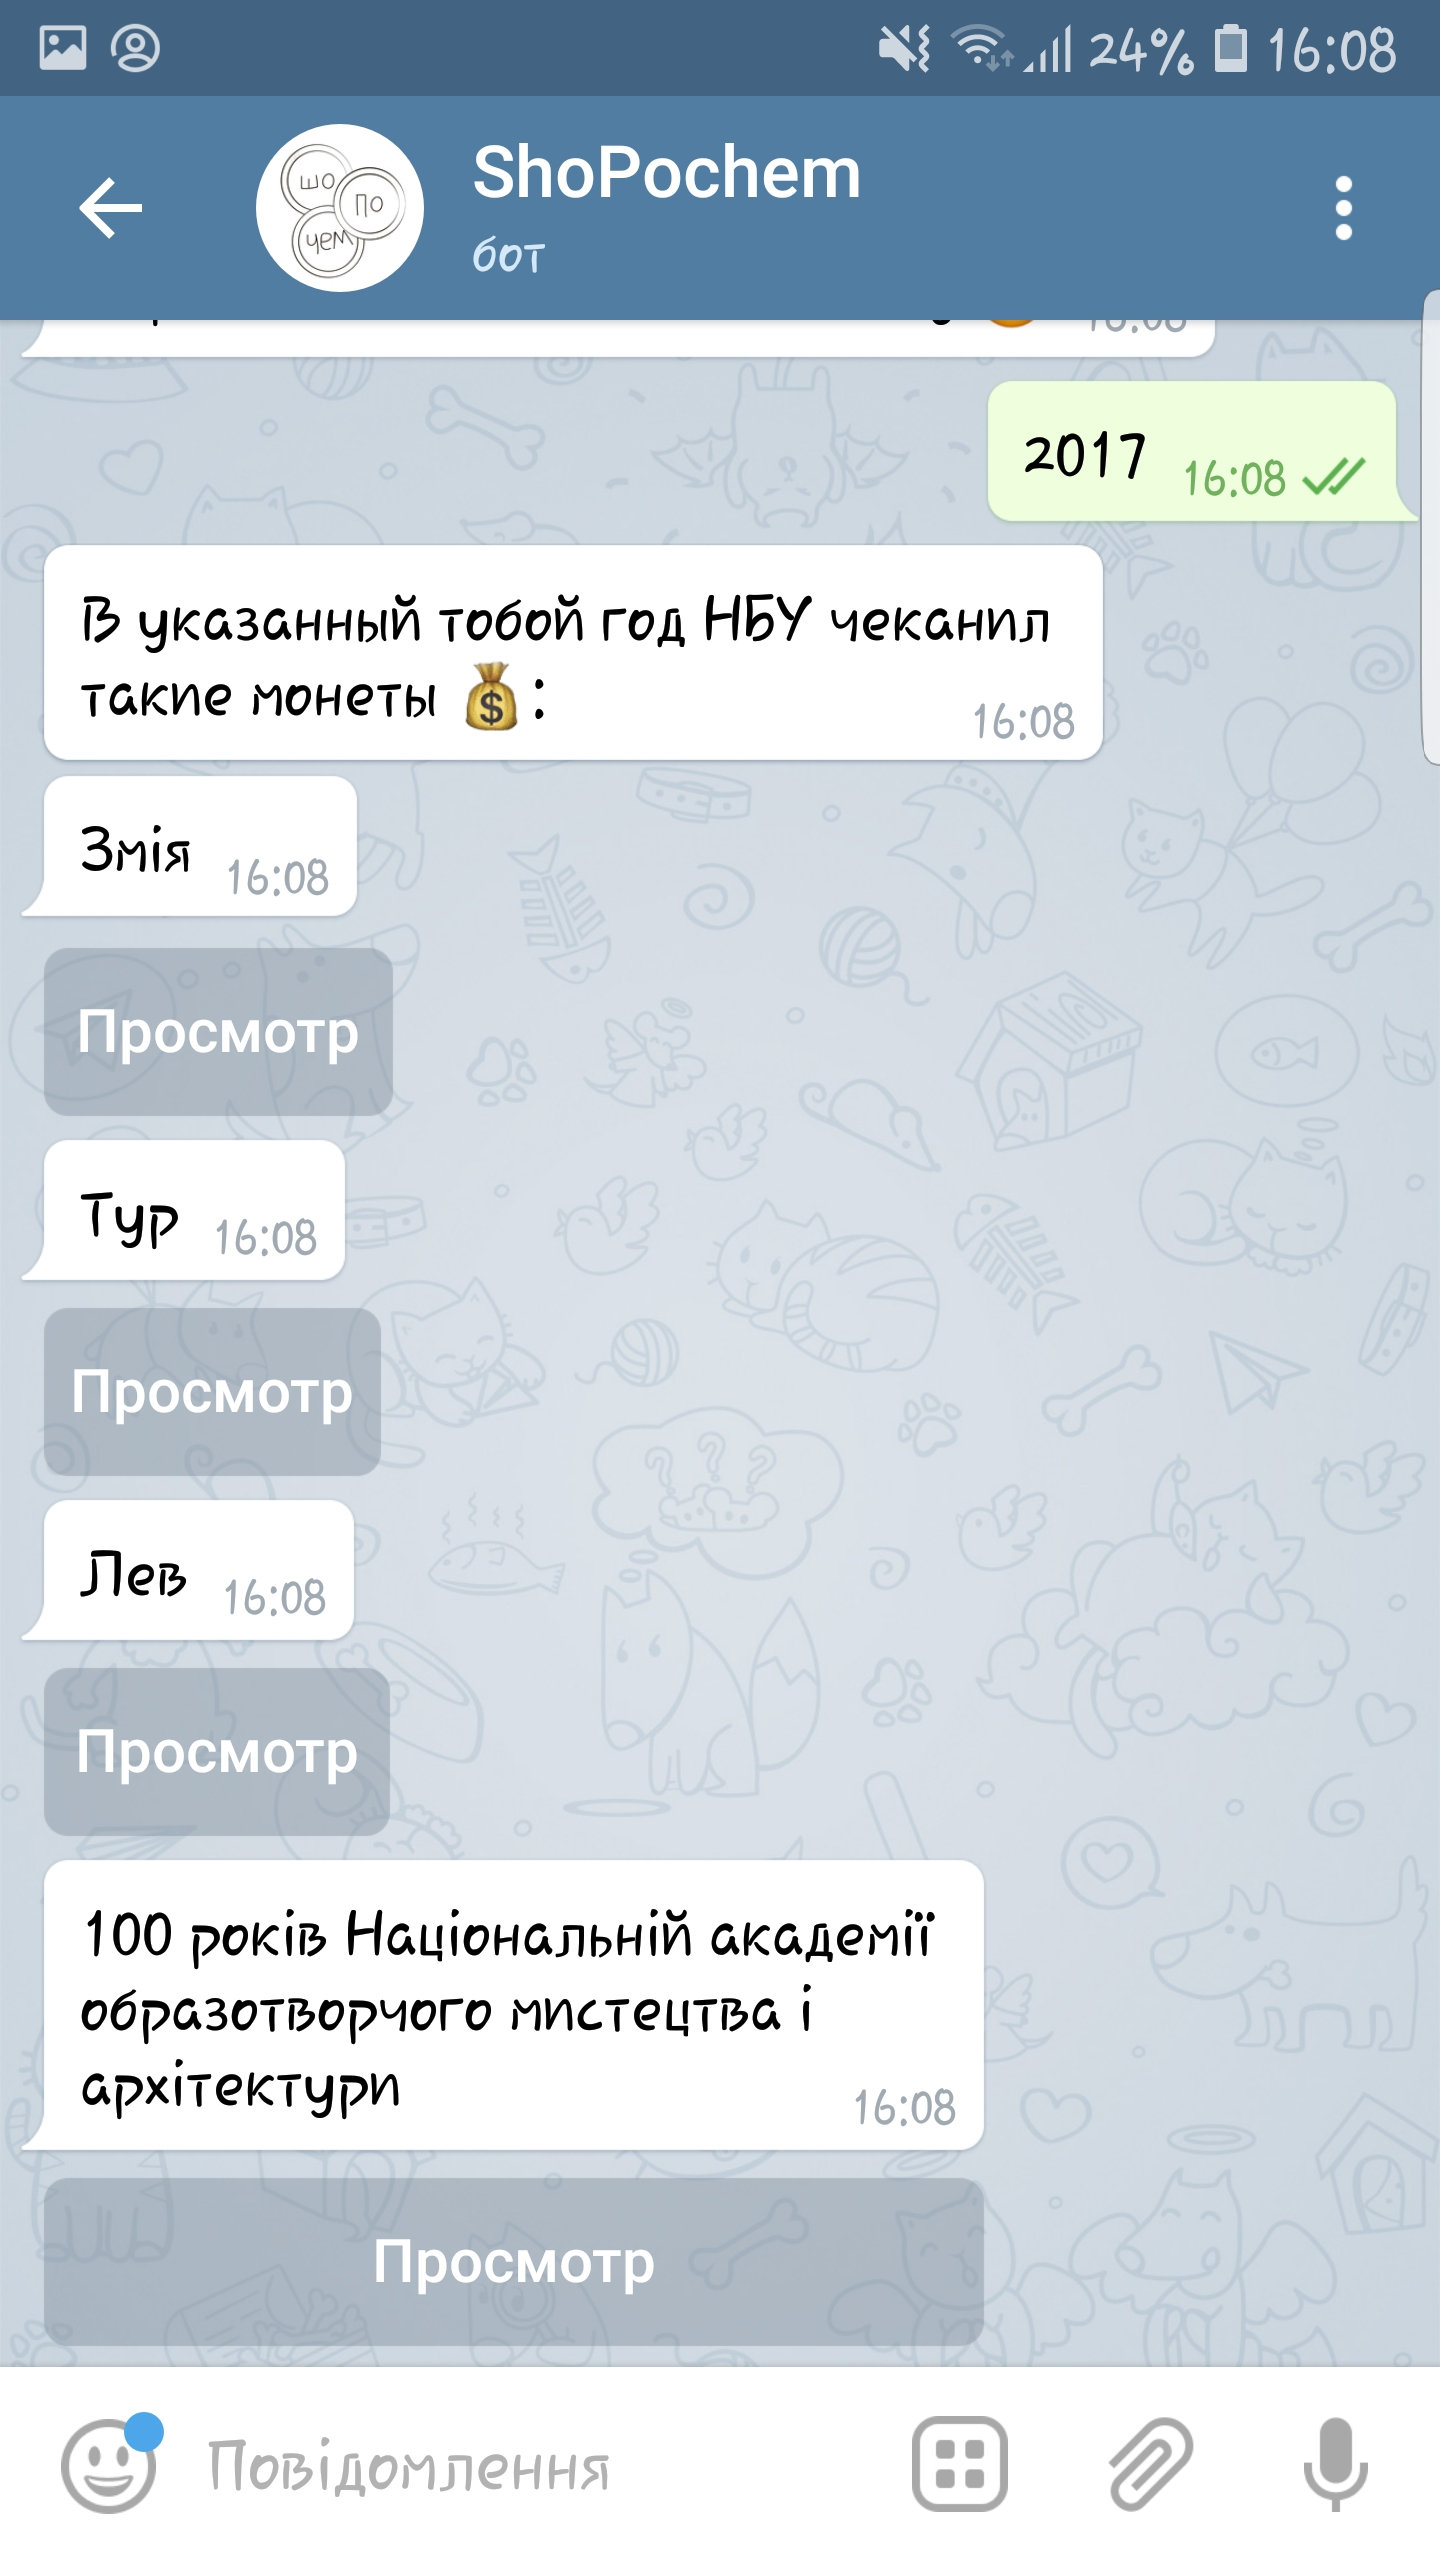 Узнать стоимость монет можно через Telegram, находим @shopochem_bot